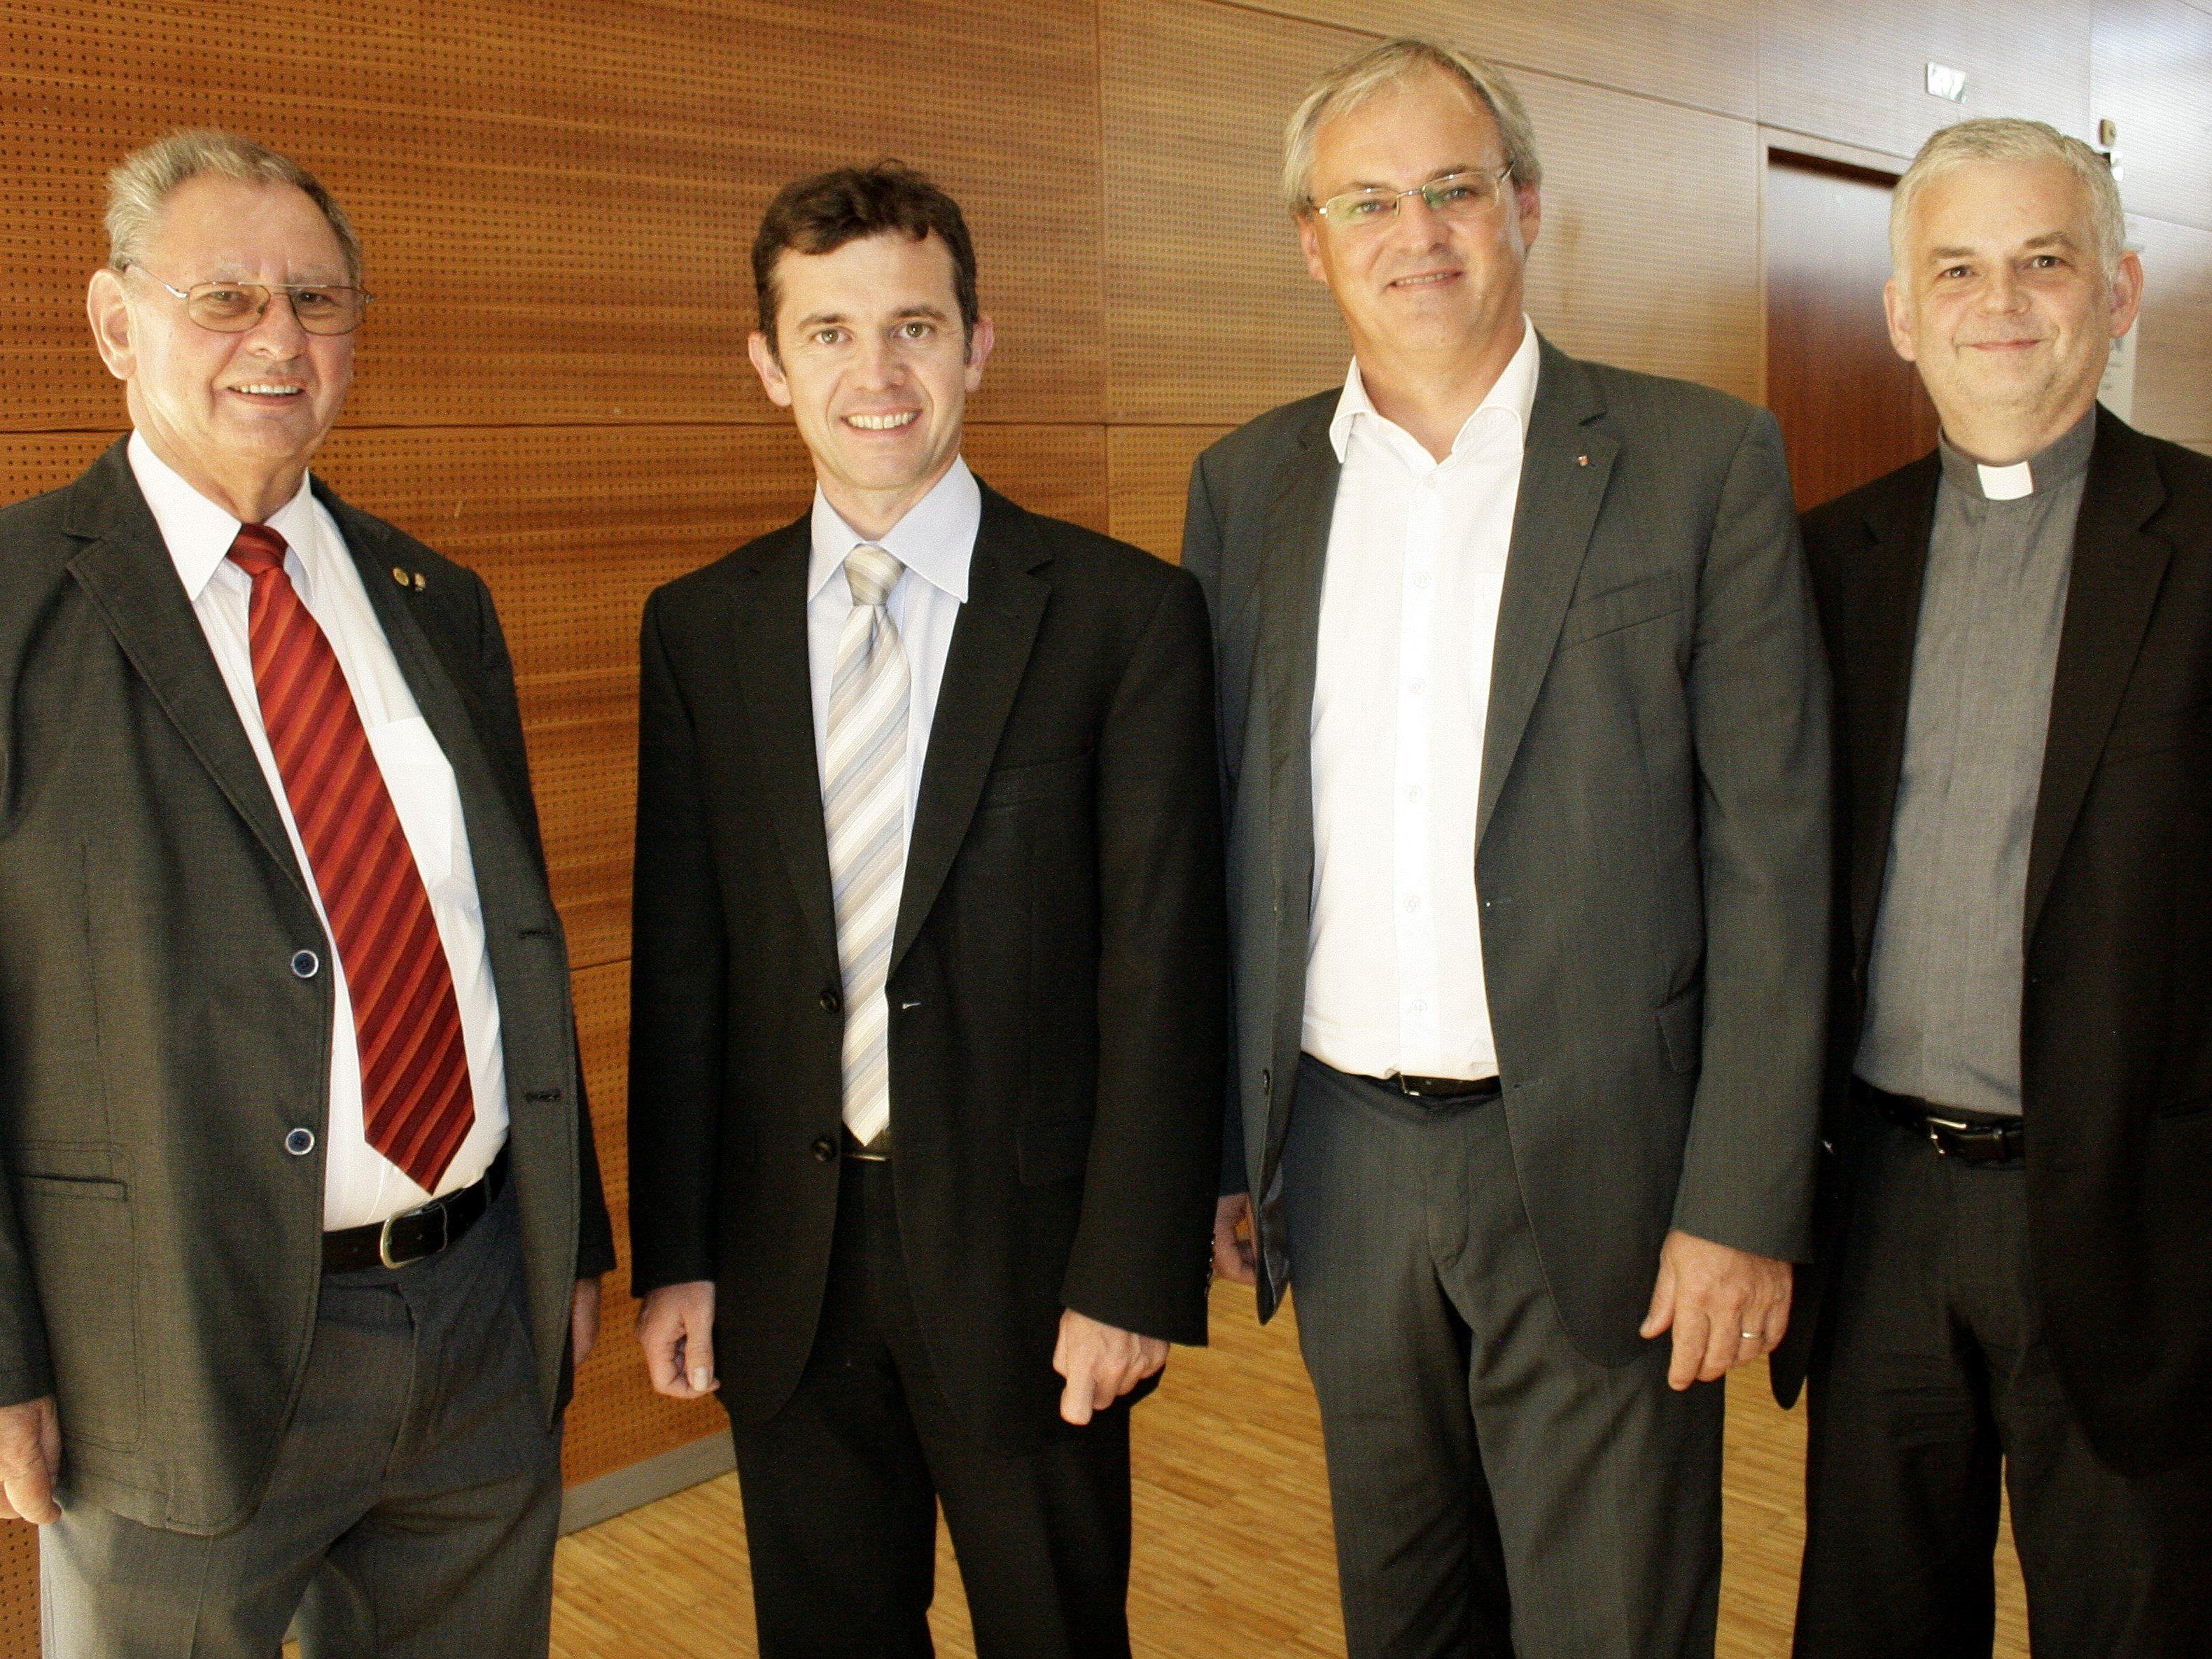 Landesgildewart Karl Fink, Bürgermeister Martin Summer, Landtagspräsident Harald Sonderegger und Wallfahrtsseelsorger Walter H. Juen (v.l.) freuen sich über die Sonderbriefmarke.